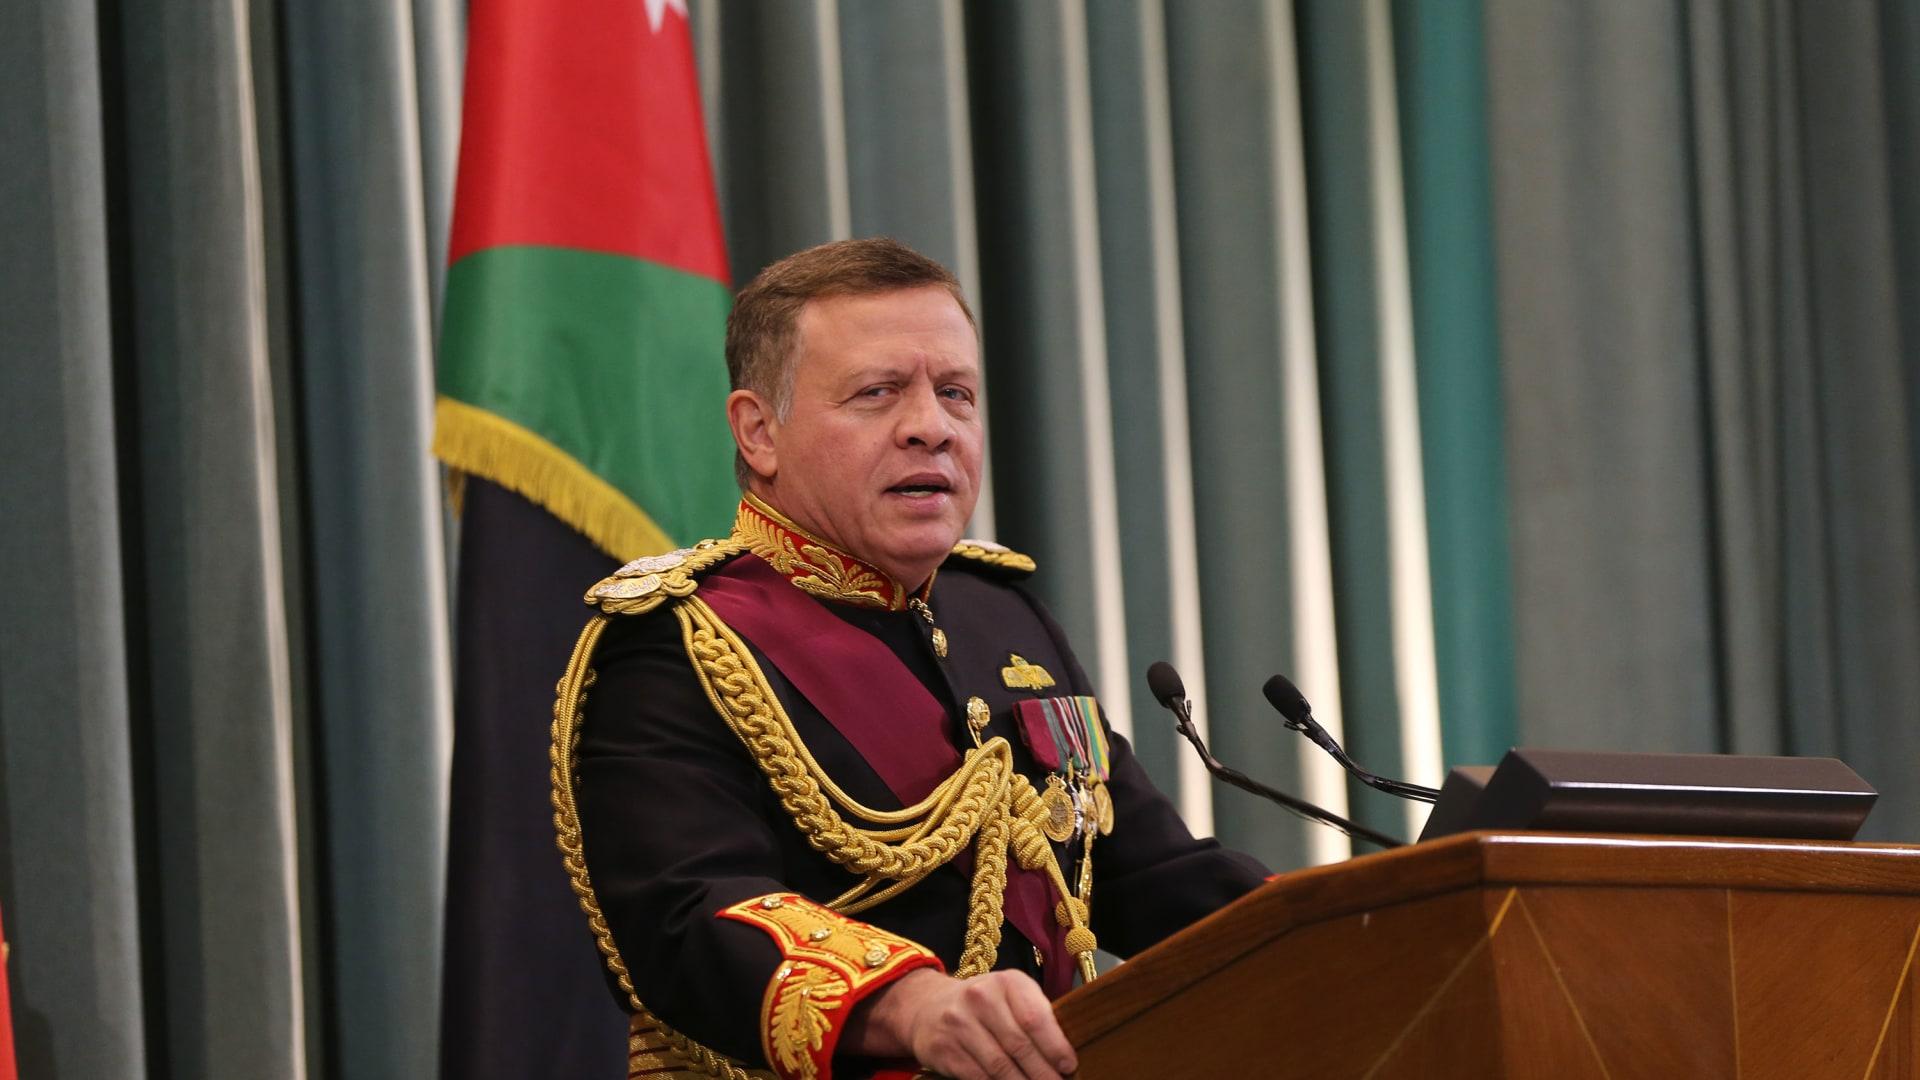 أردنيون يحتفون بزيارة الملك عبدالله لمنطقة الباقورة بعد عودتها للسيادة الأردنية